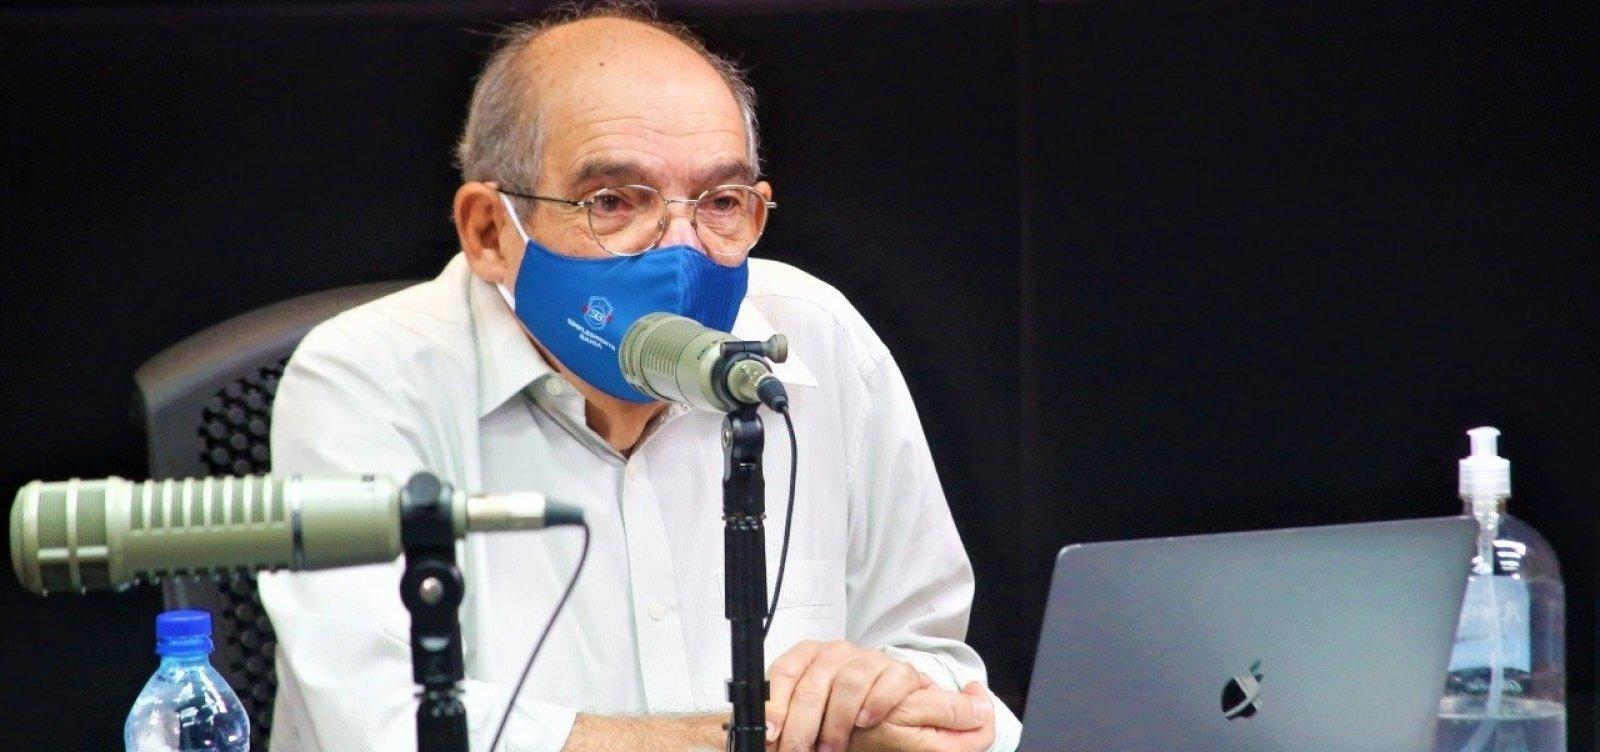 MK critica 'Big Brother' de Bolsonaro e 'picuinha' com vacina da China; ouça